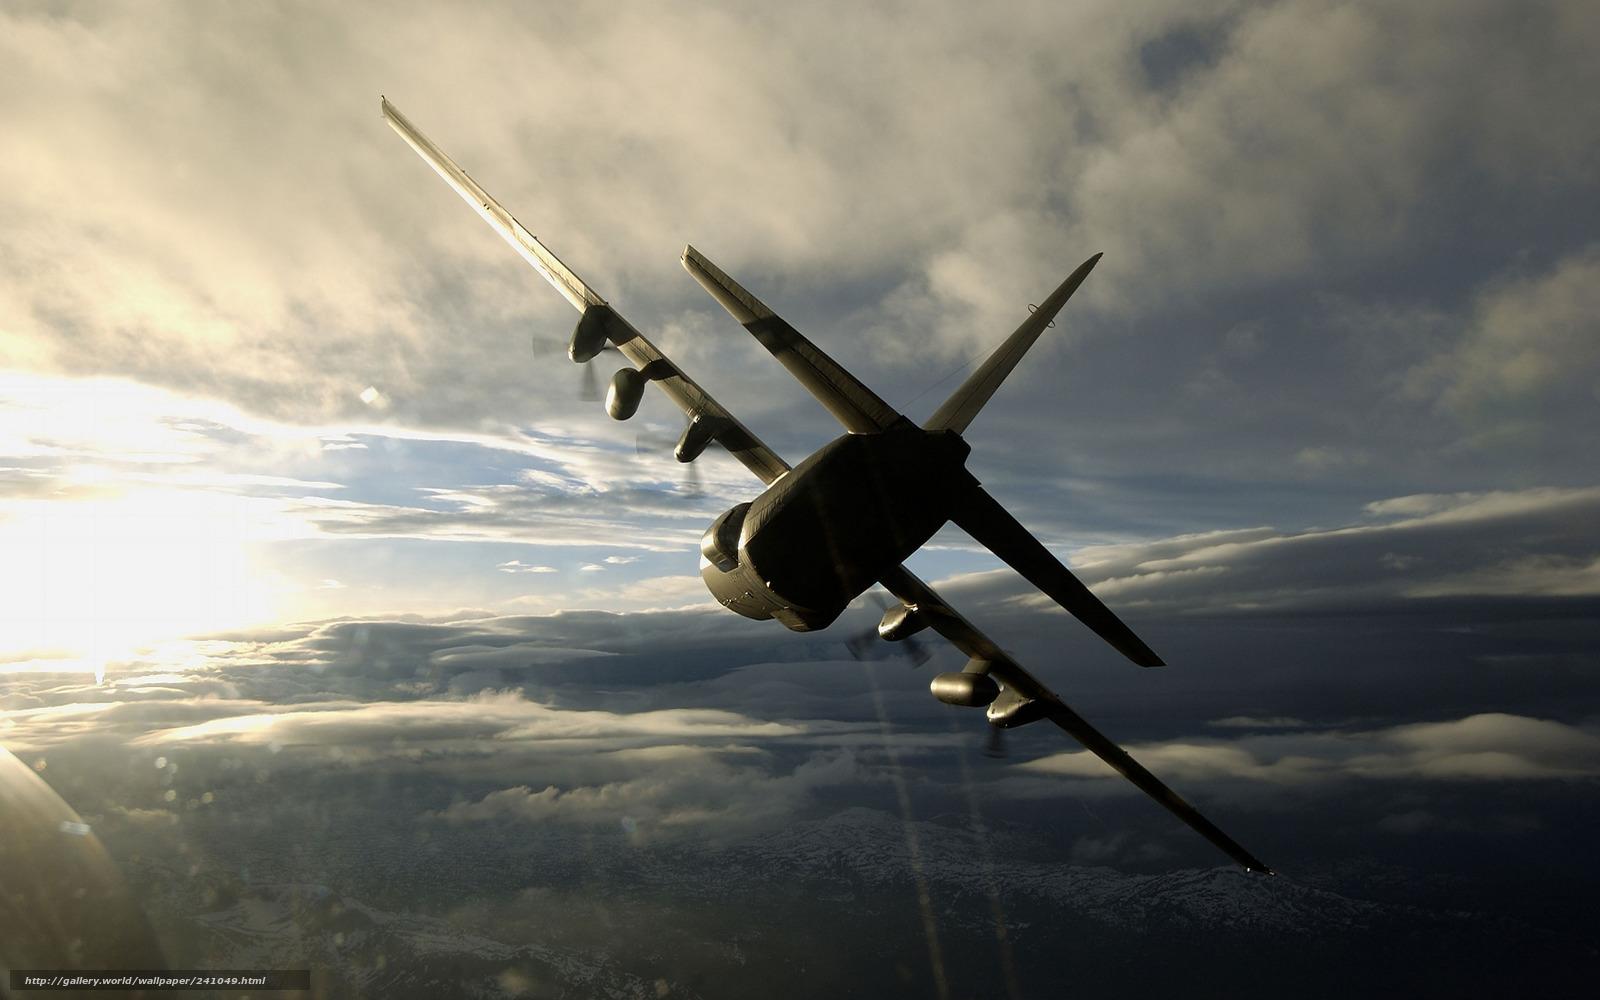 Скачать обои военно-транспортный,  самолёт,  геркулес бесплатно для рабочего стола в разрешении 2560x1600 — картинка №241049